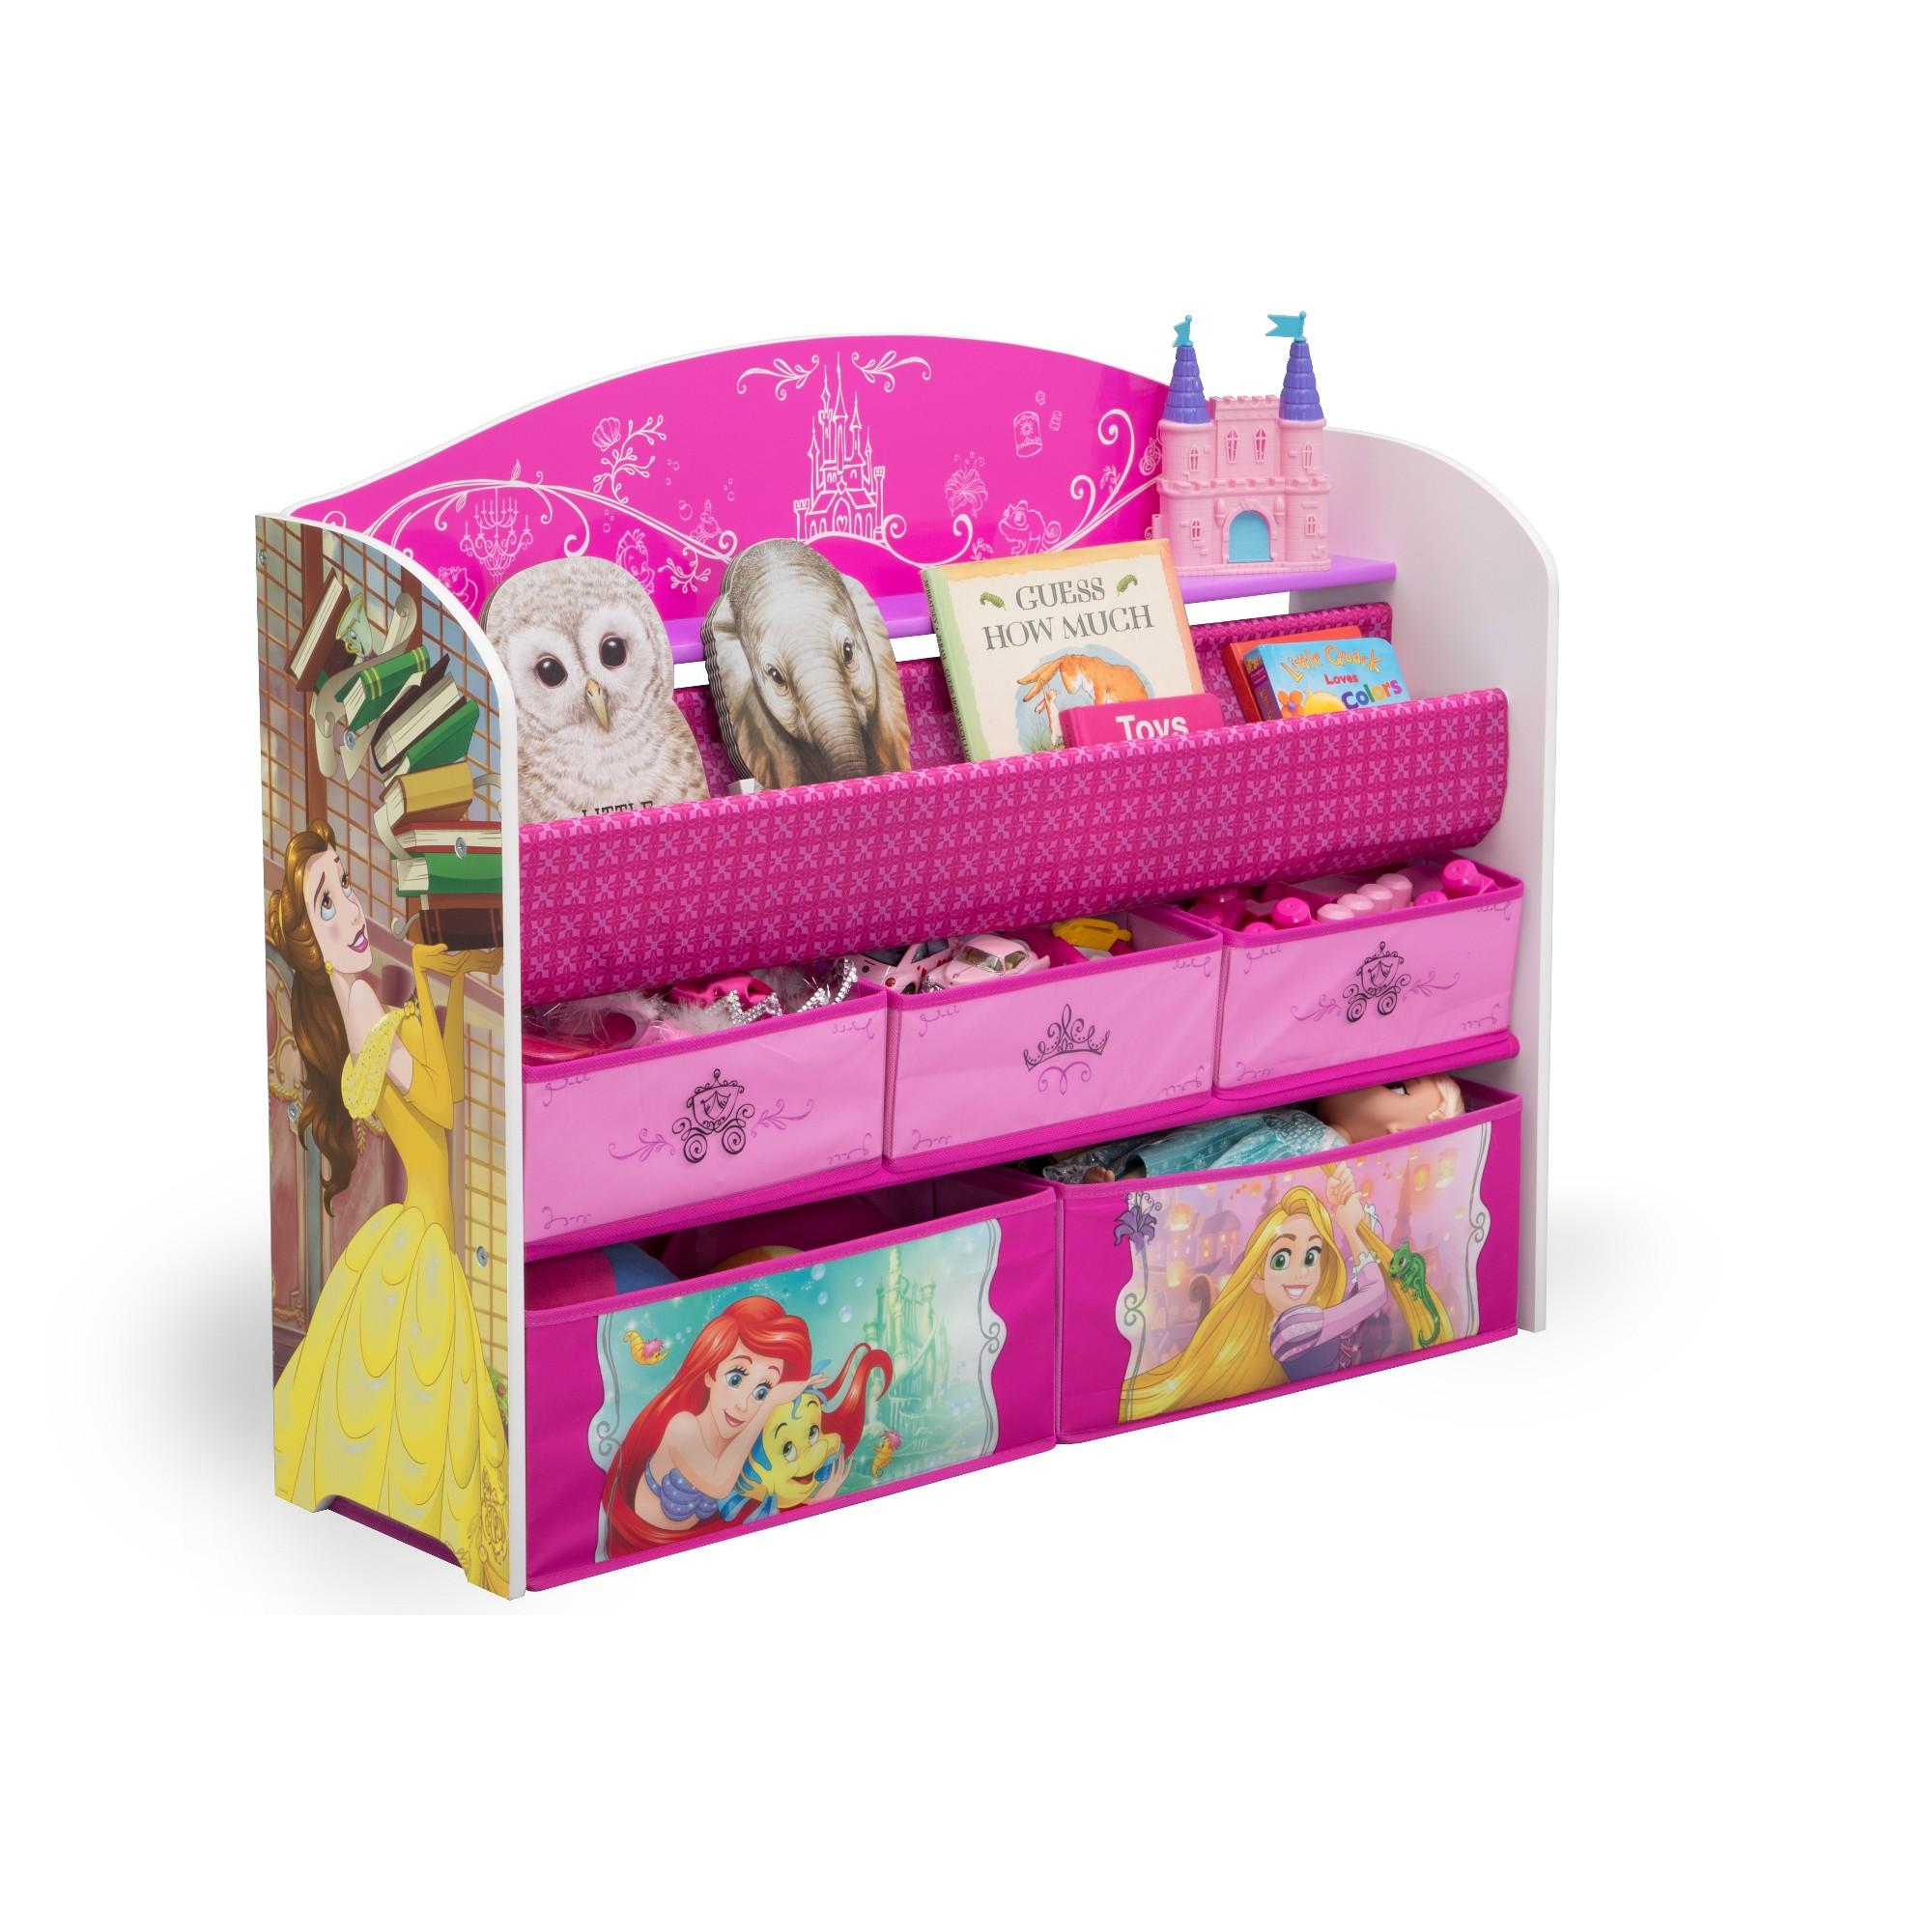 Delta Children Disney Princess Deluxe Book Toy Organizer Pink